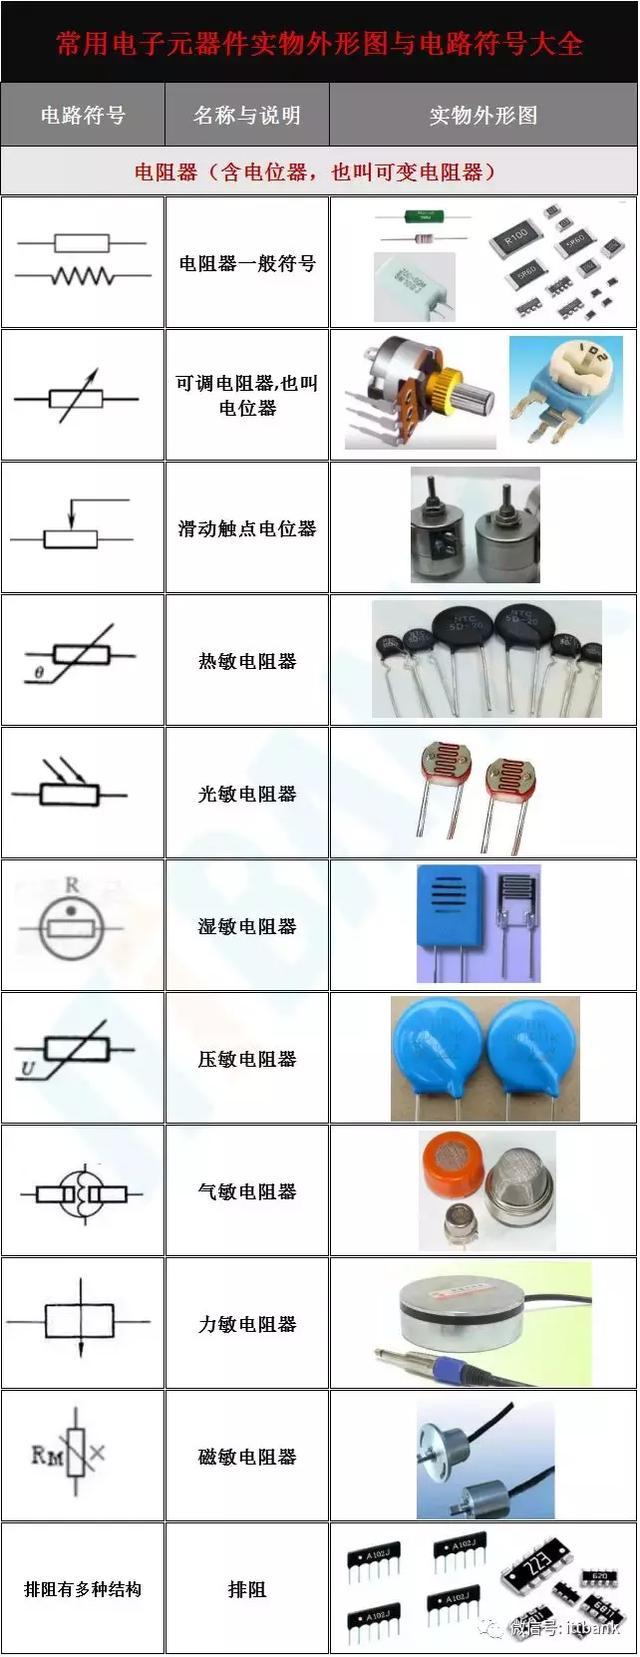 史上最全电子元器件实物外形图+电路符号